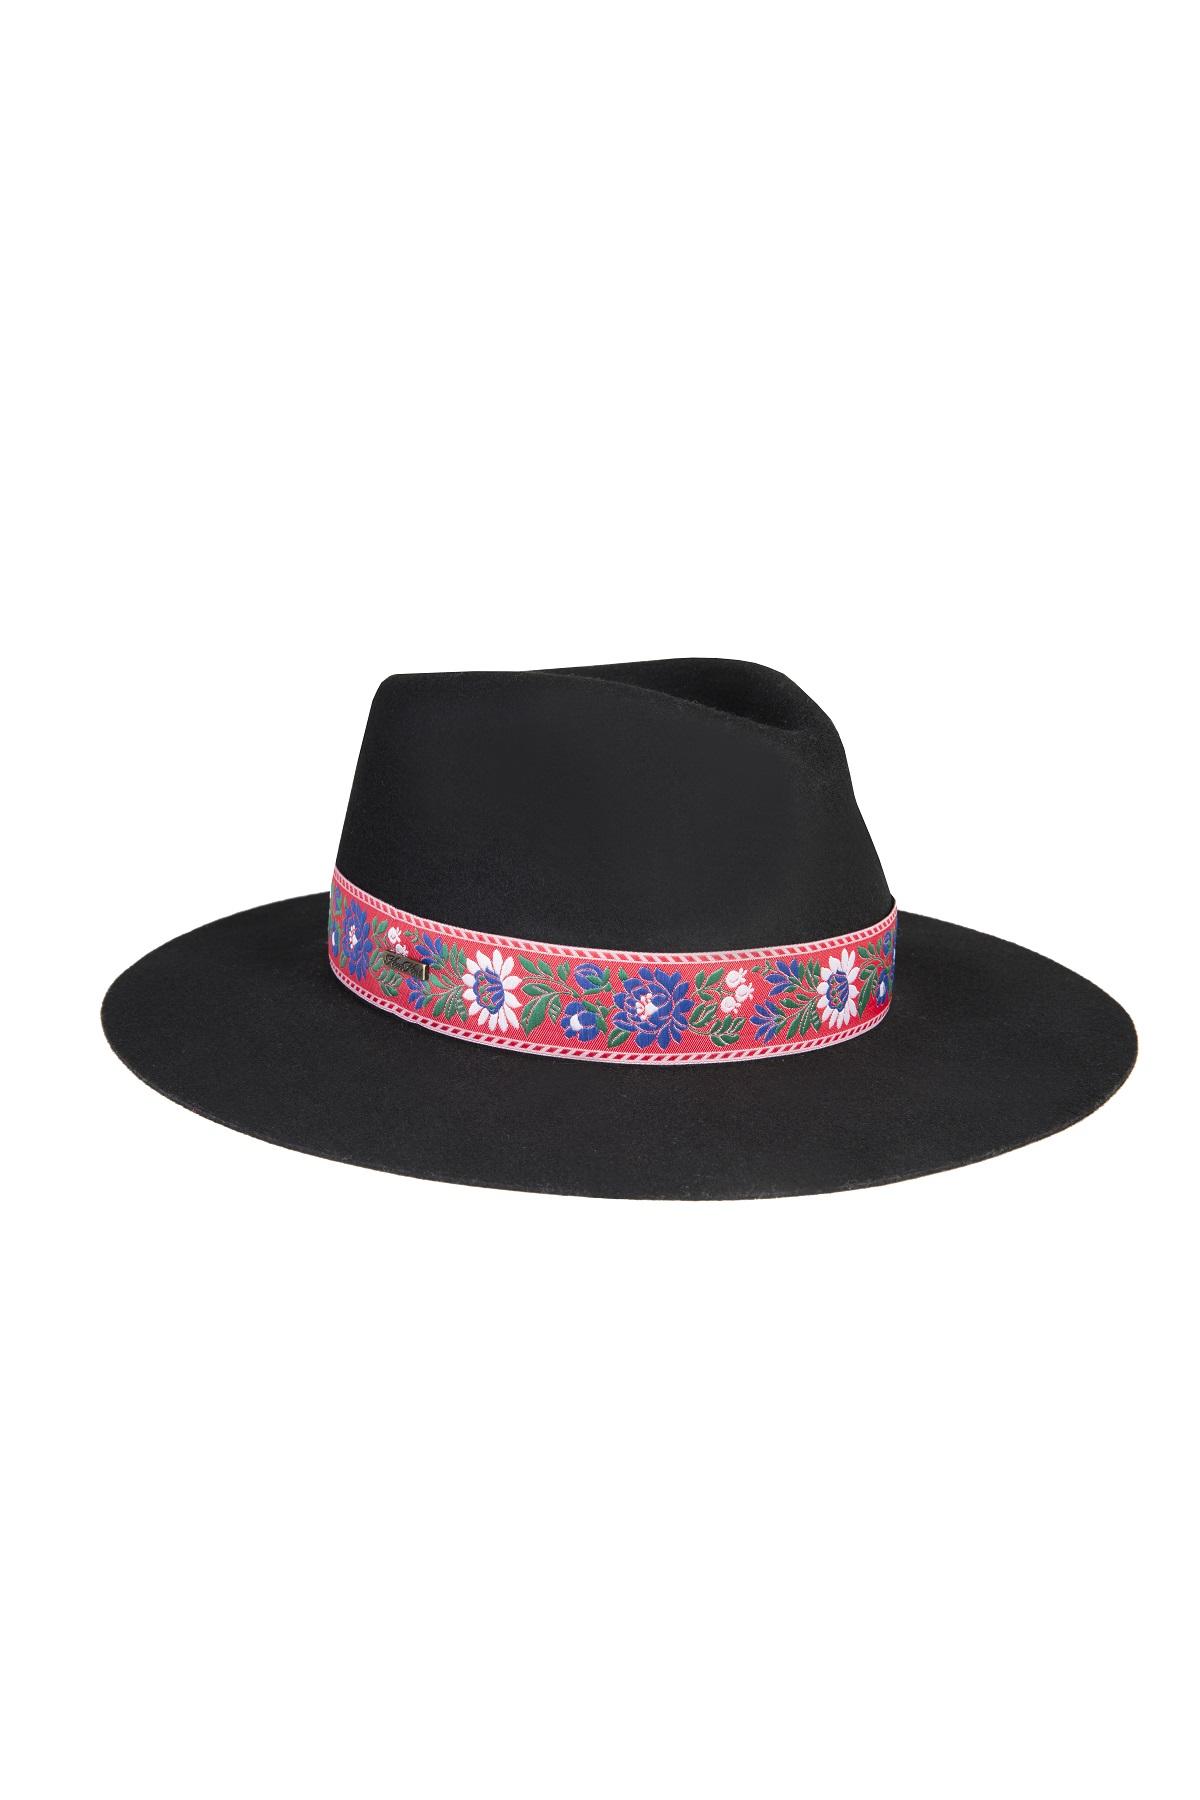 kapelusz z rondem typu folk 4